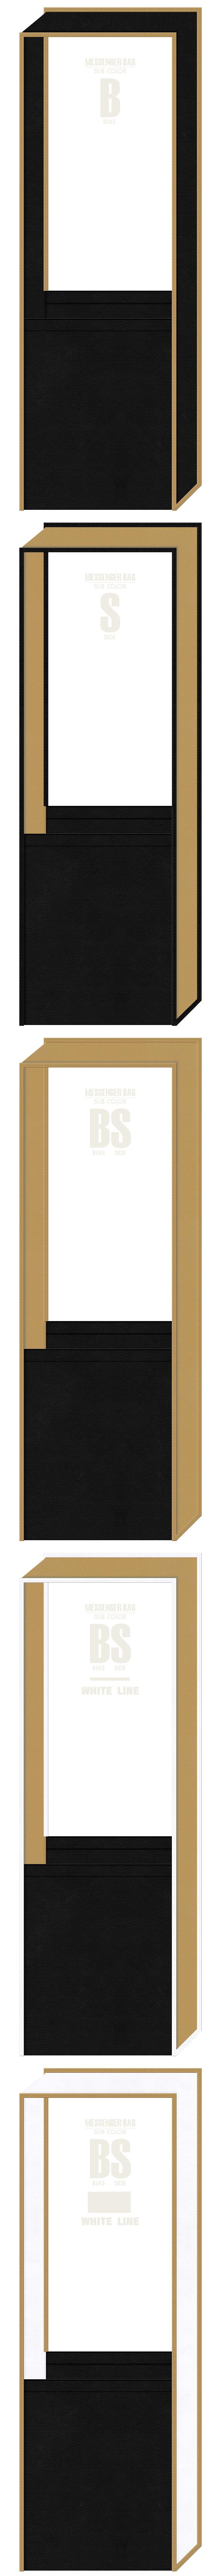 不織布メッセンジャーバッグのカラーシミュレーション(黒色・金黄土色・白色)